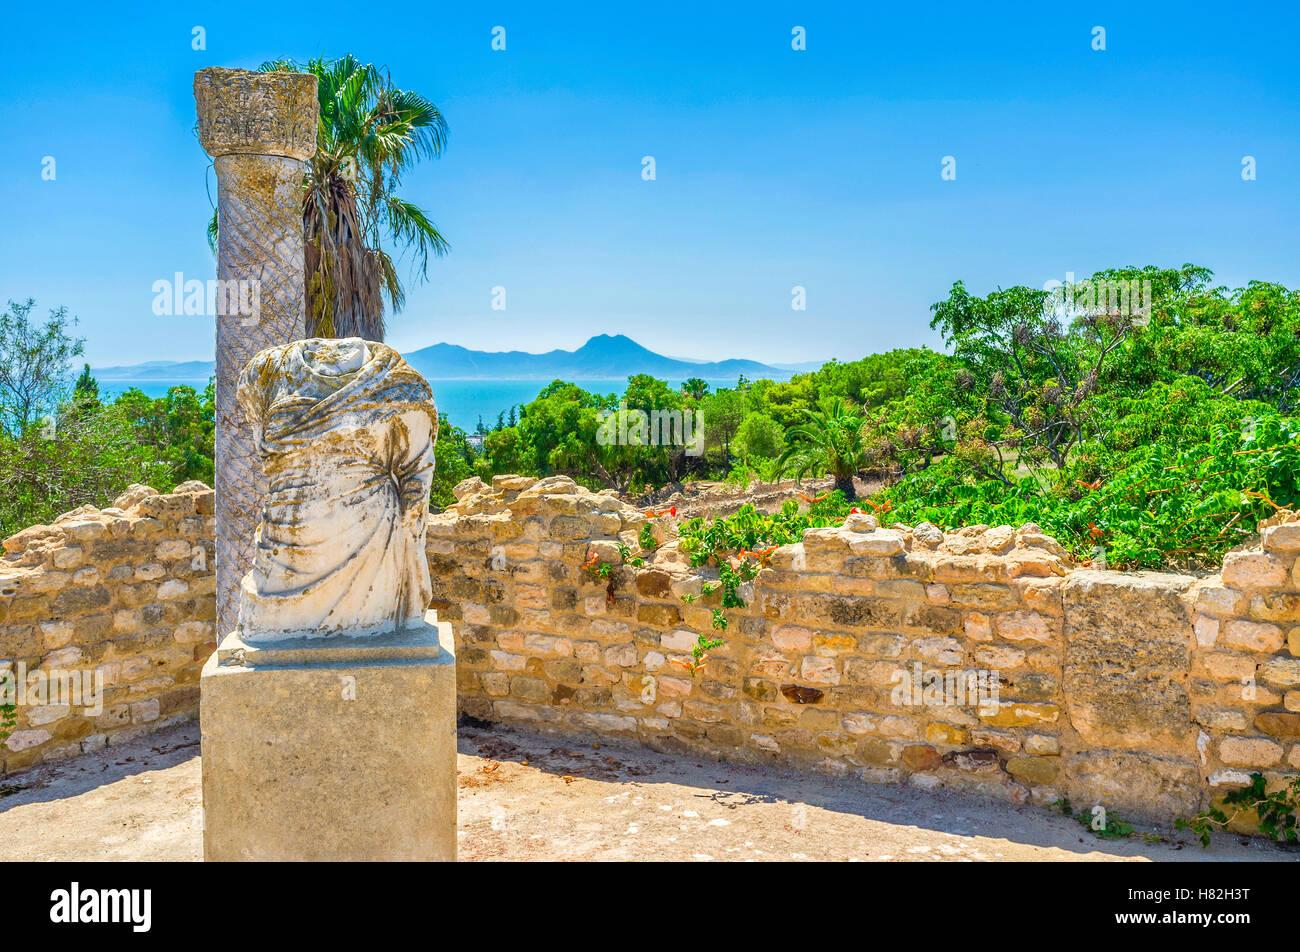 L'agréable promenade parmi les vestiges romains sur la colline pittoresque de Carthage, Tunisie. Photo Stock